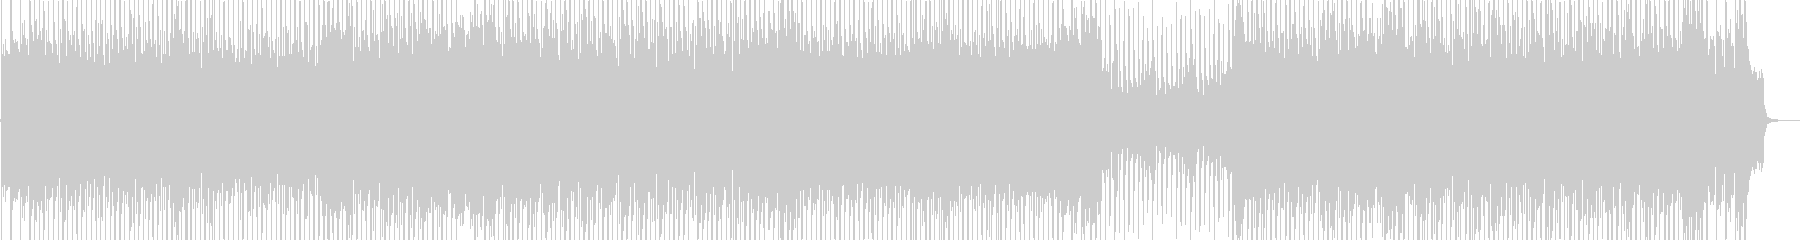 ワクワク感のあるシンセサイザーポップの未再生の波形